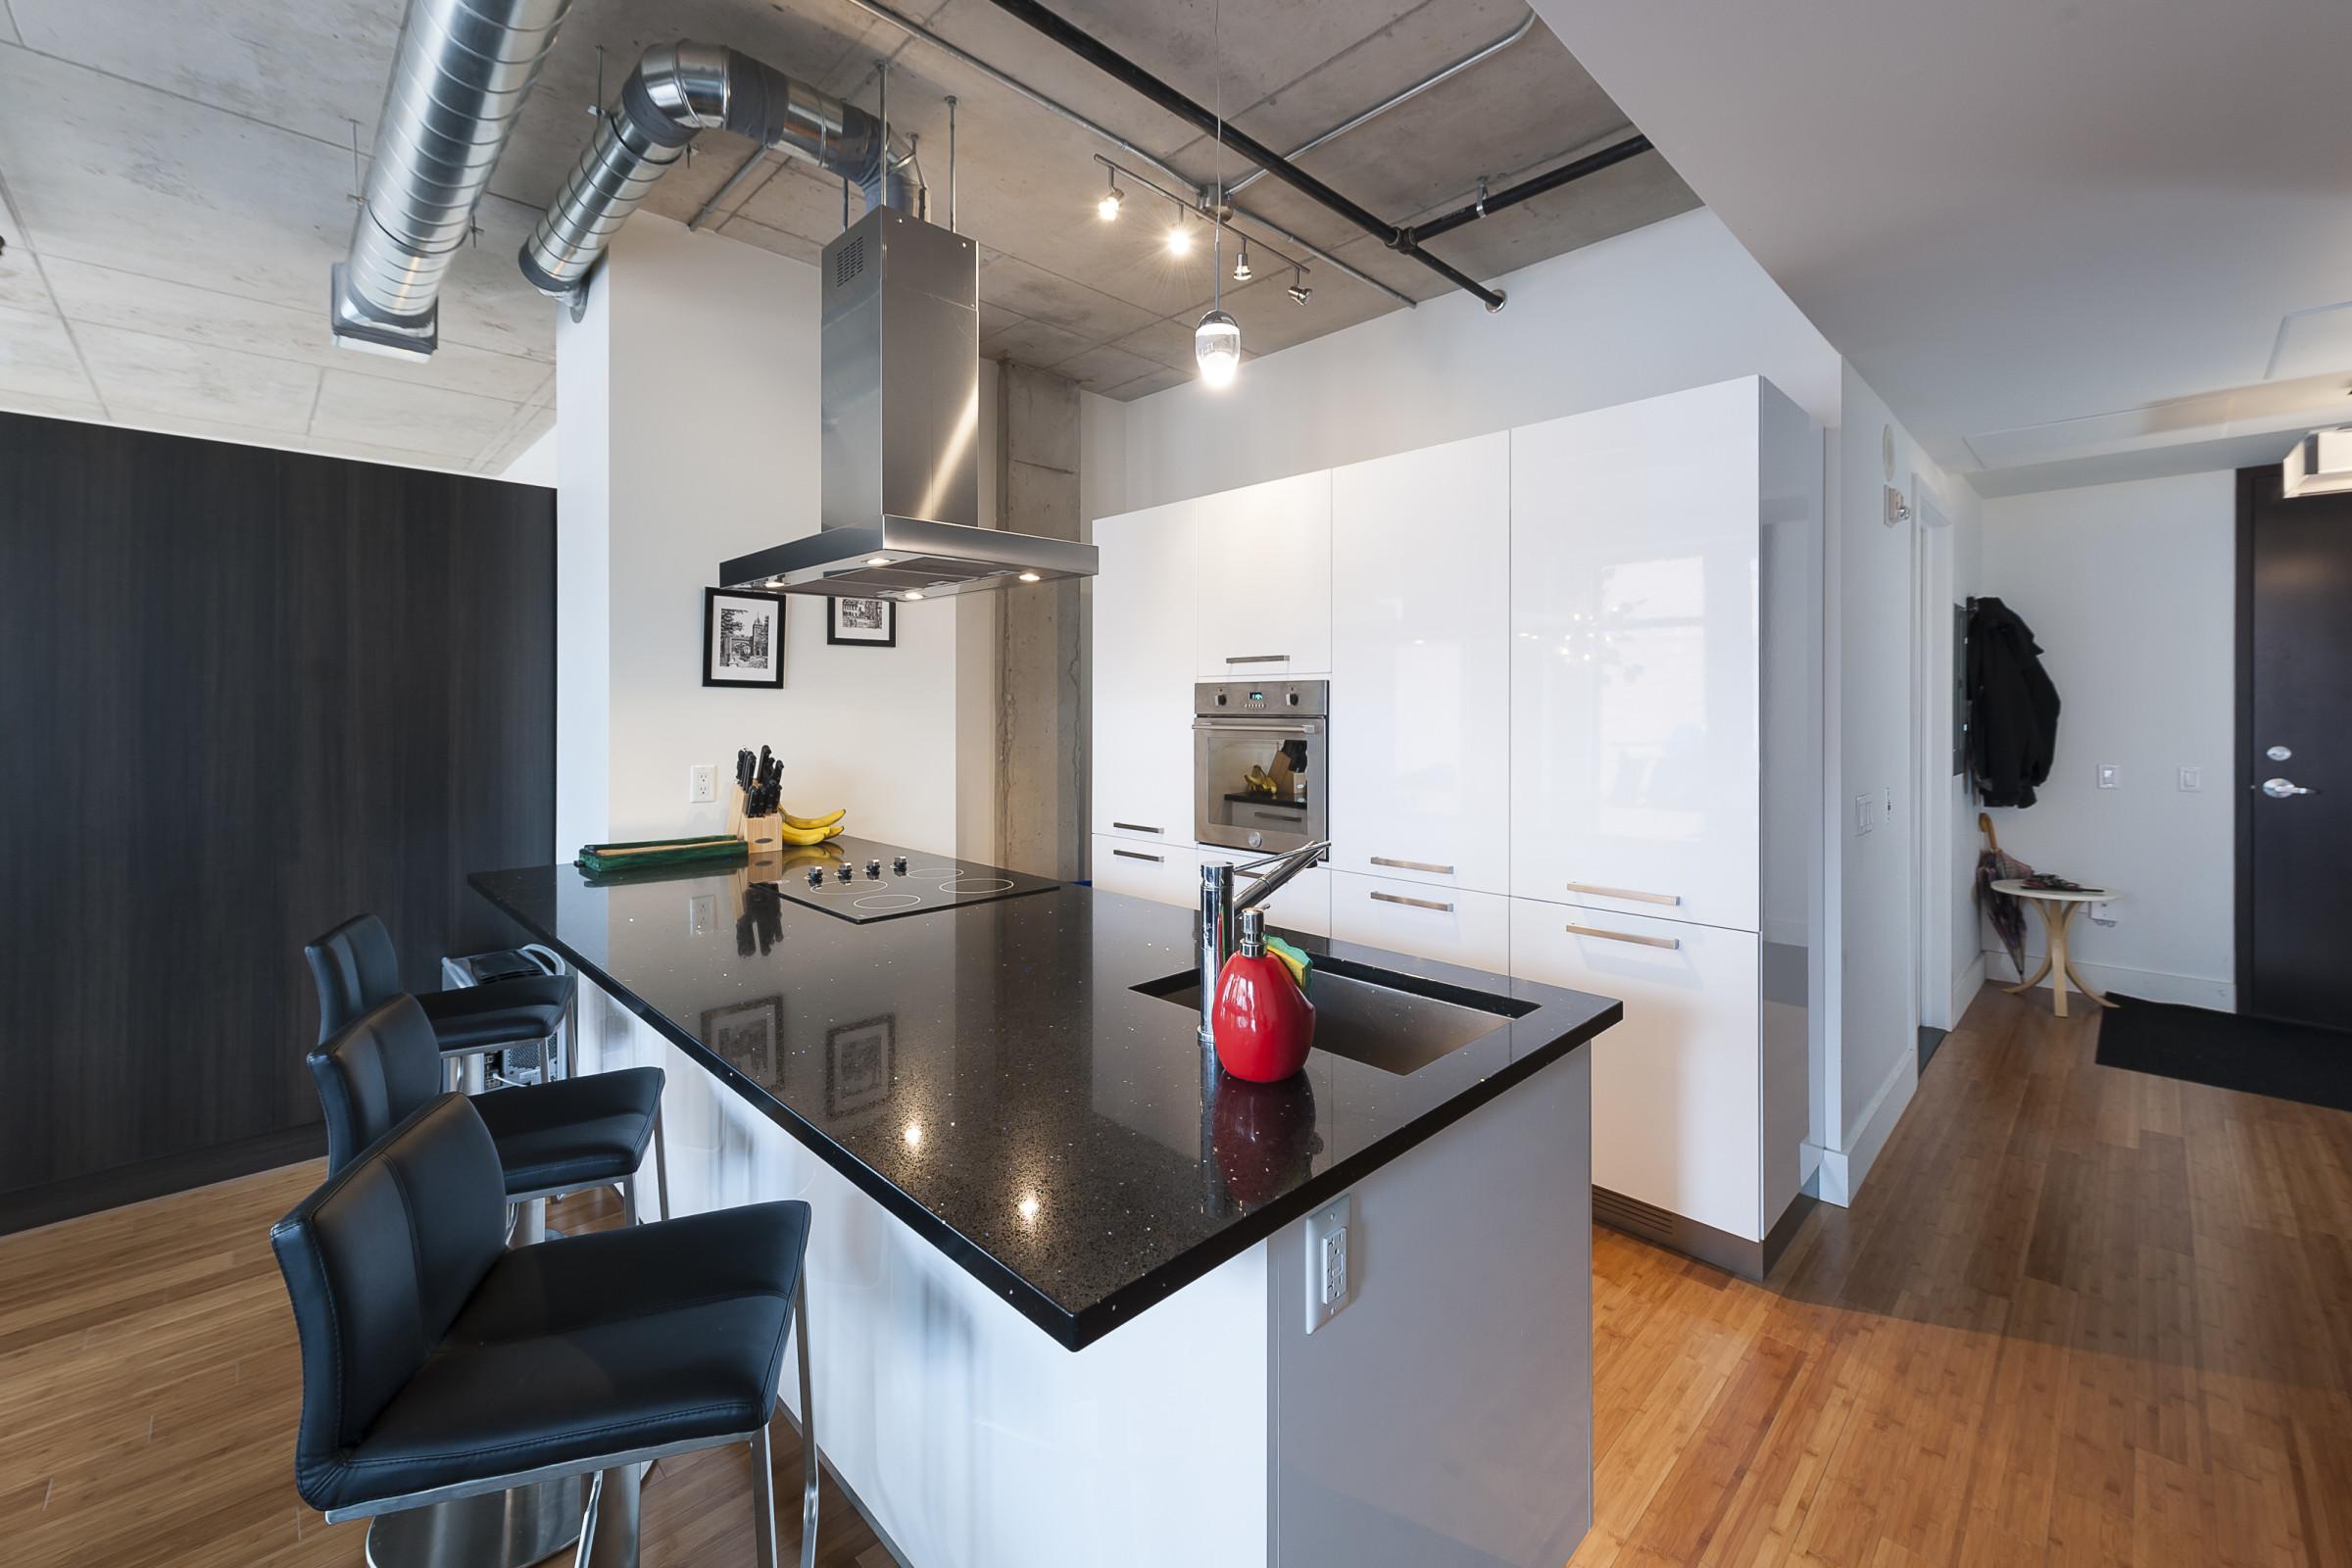 loft meublé à louer aux wilson lofts à downtown montreal ... - Salle De Bain Style Loft